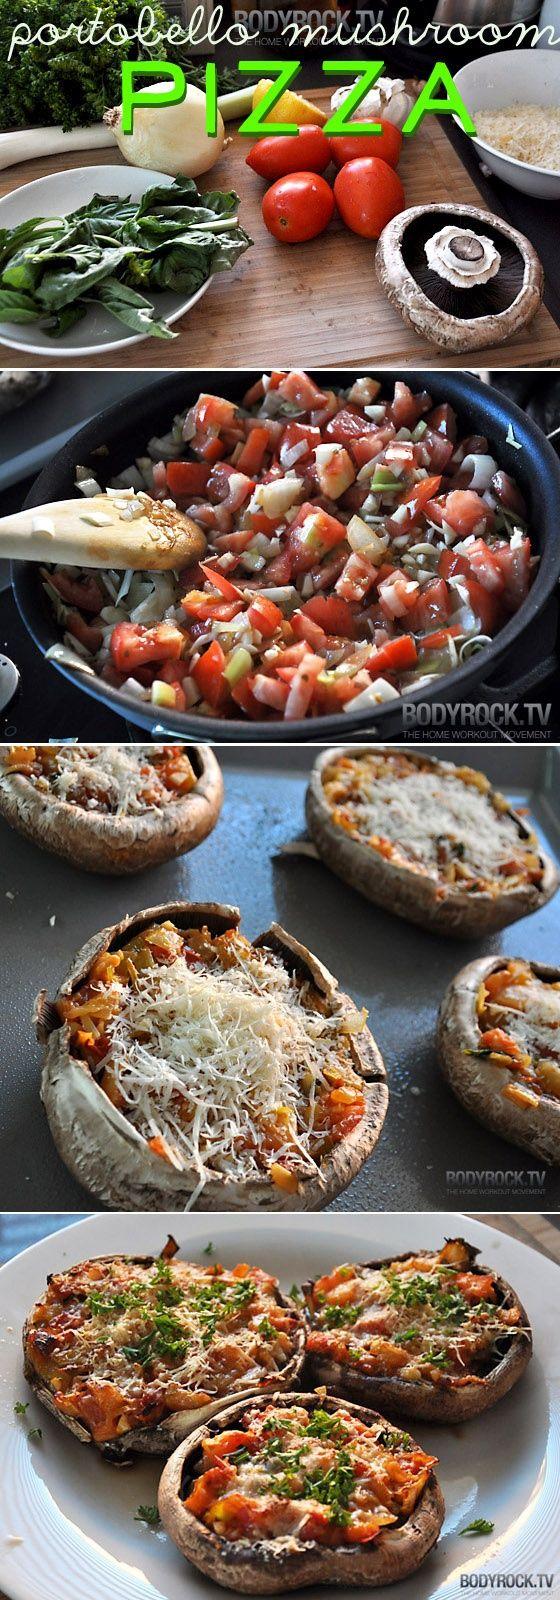 No crust needed: Portobello mushroom pizza.